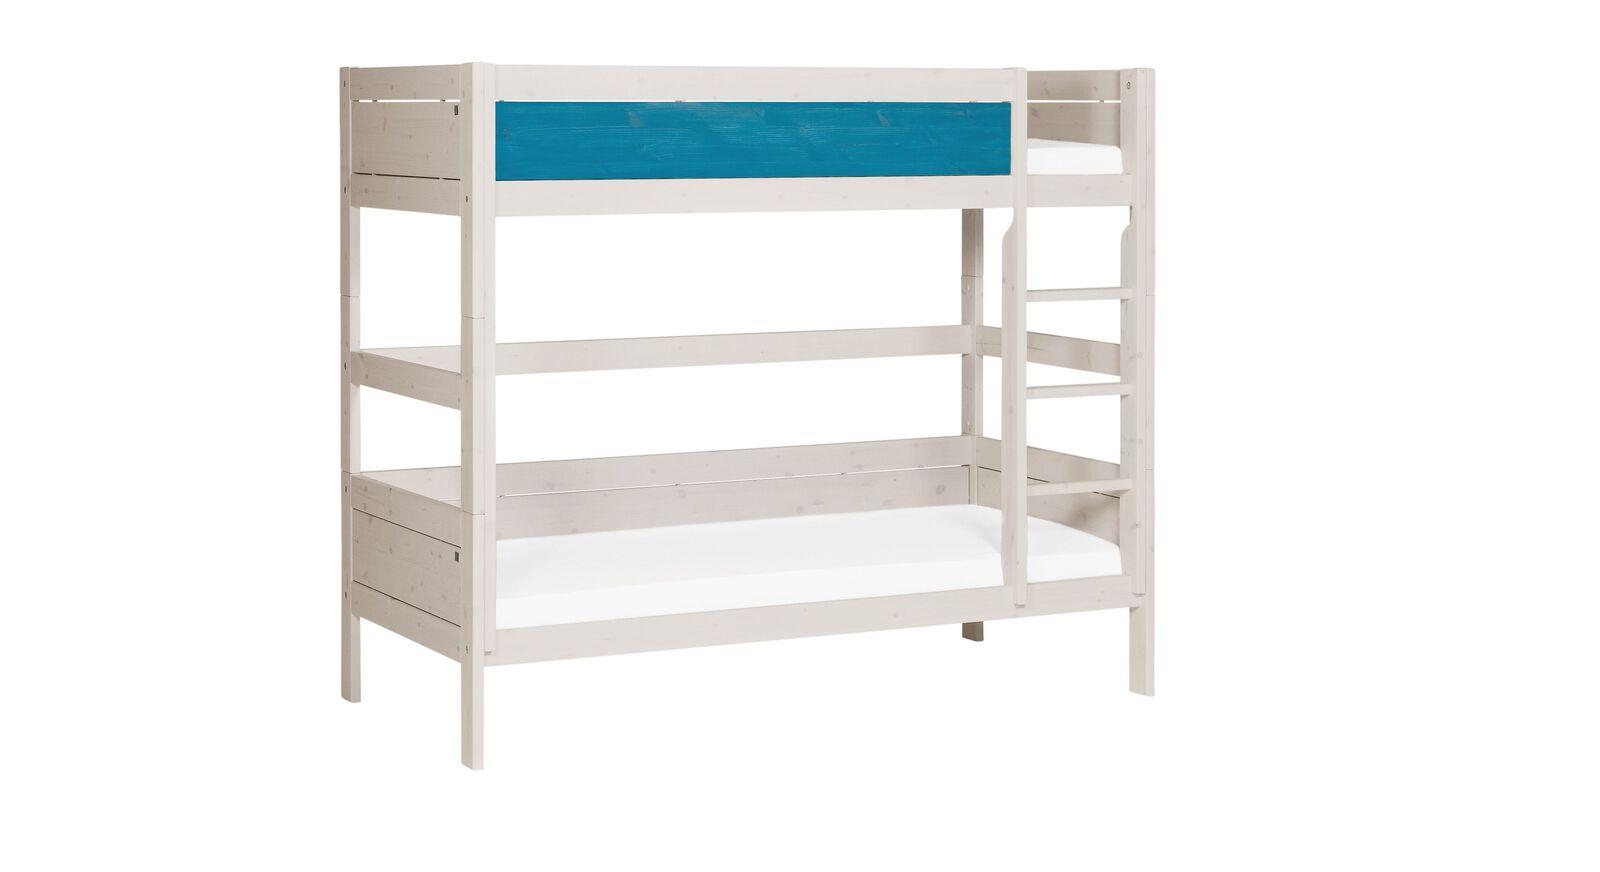 LIFETIME Etagenbett Color mit blauer Frontfüllung für Jungen